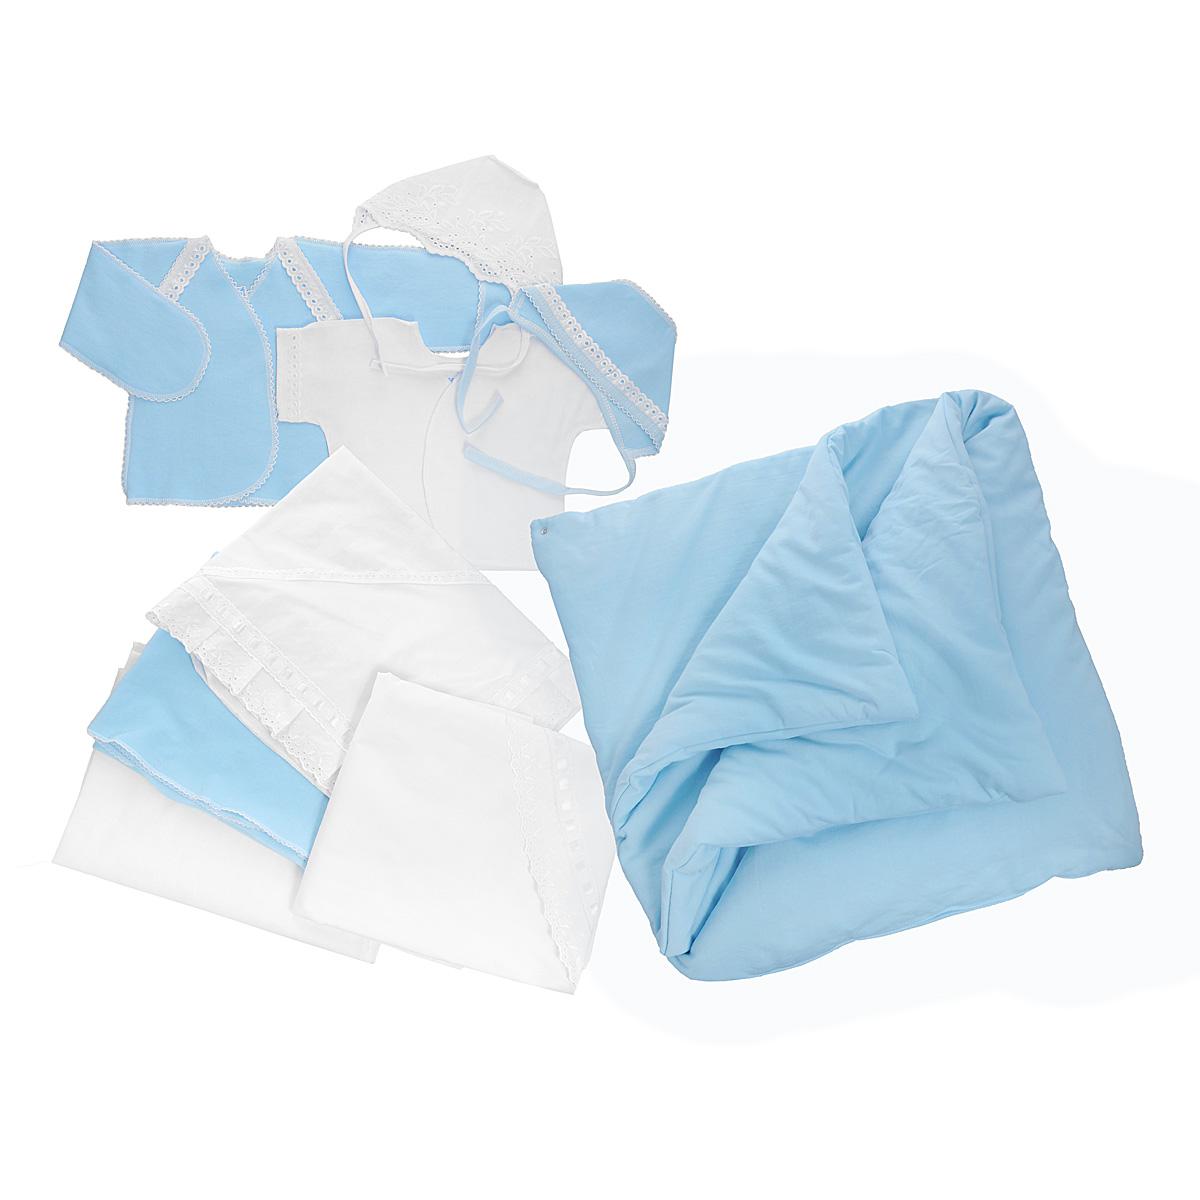 Комплект для новорожденного, 9 предметов. 34763476Комплект для новорожденного Трон-плюс - это замечательный подарок, который прекрасно подойдет для первых дней жизни ребенка. Комплект состоит из двух распашонок, двух чепчиков, уголка, двух пеленок, пододеяльника и одеяла. Комплект изготовлен из натурального хлопка, благодаря чему он необычайно мягкий и приятный на ощупь, не сковывает движения младенца и позволяет коже дышать, не раздражает даже самую нежную и чувствительную кожу ребенка, обеспечивая ему наибольший комфорт. Легкая распашонка с короткими рукавами выполнена швами наружу. Изделие украшено вышивкой, а рукава декорированы ажурными рюшами и петельками. Теплая распашонка с запахом выполнена швами наружу. Декорирована распашонка ажурными рюшами. А благодаря рукавичкам ребенок не поцарапает себя. Ручки могут быть как открытыми, так и закрытыми. Чепчик защищает еще не заросший родничок, щадит чувствительный слух малыша, прикрывая ушки, и предохраняет от теплопотерь. Комплект содержит два чепчика: один -...